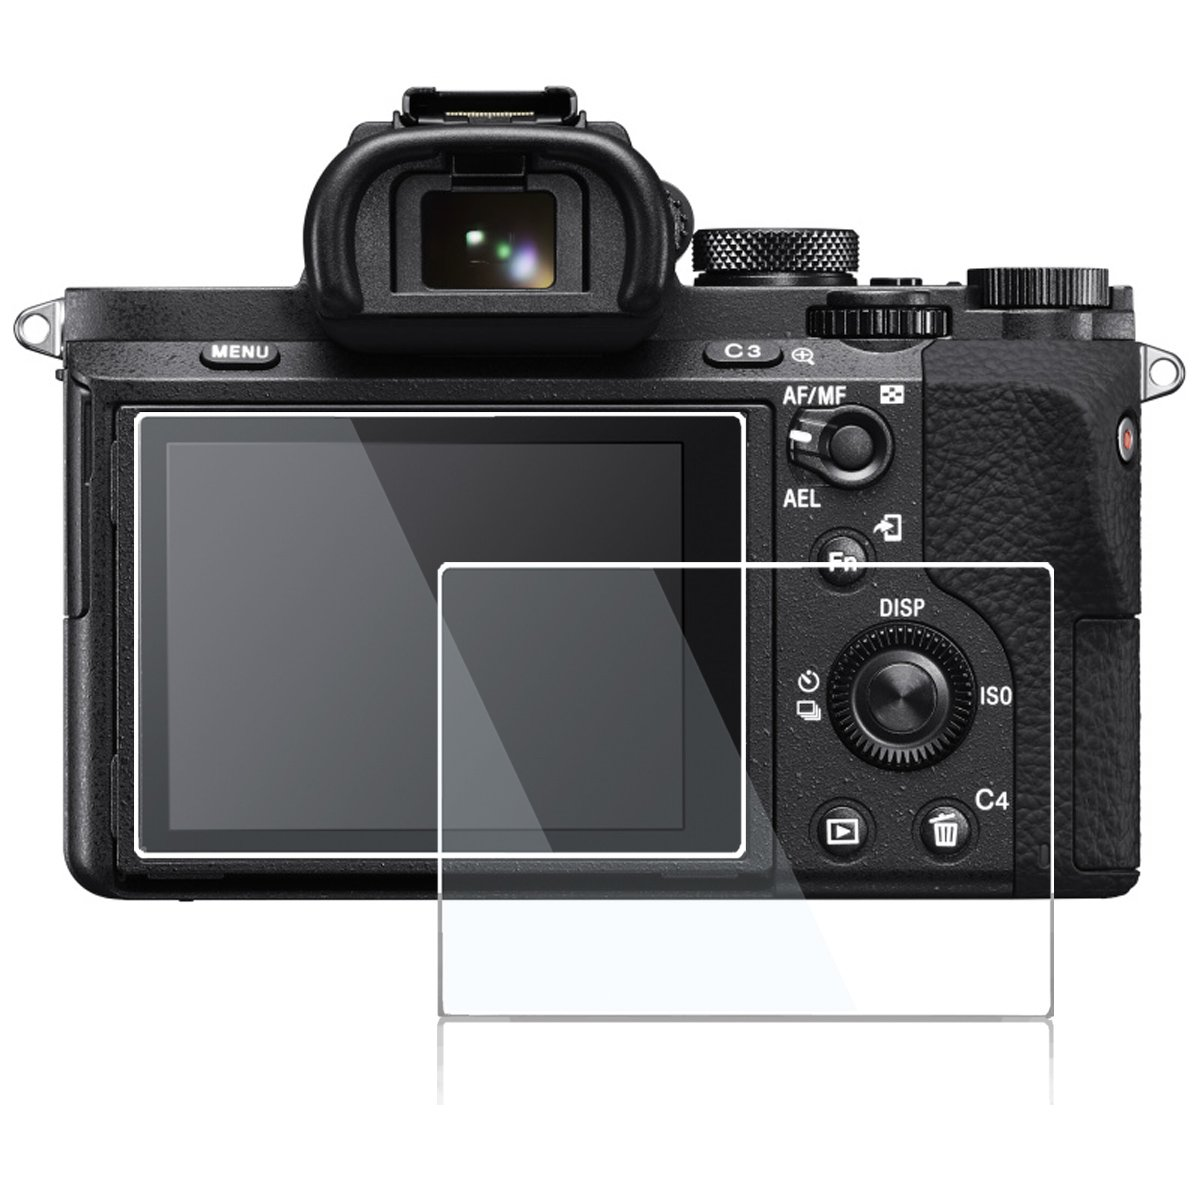 Pantalla LCD plástico de vidrio de protección para Sony CyberShot dsc-rx10 II